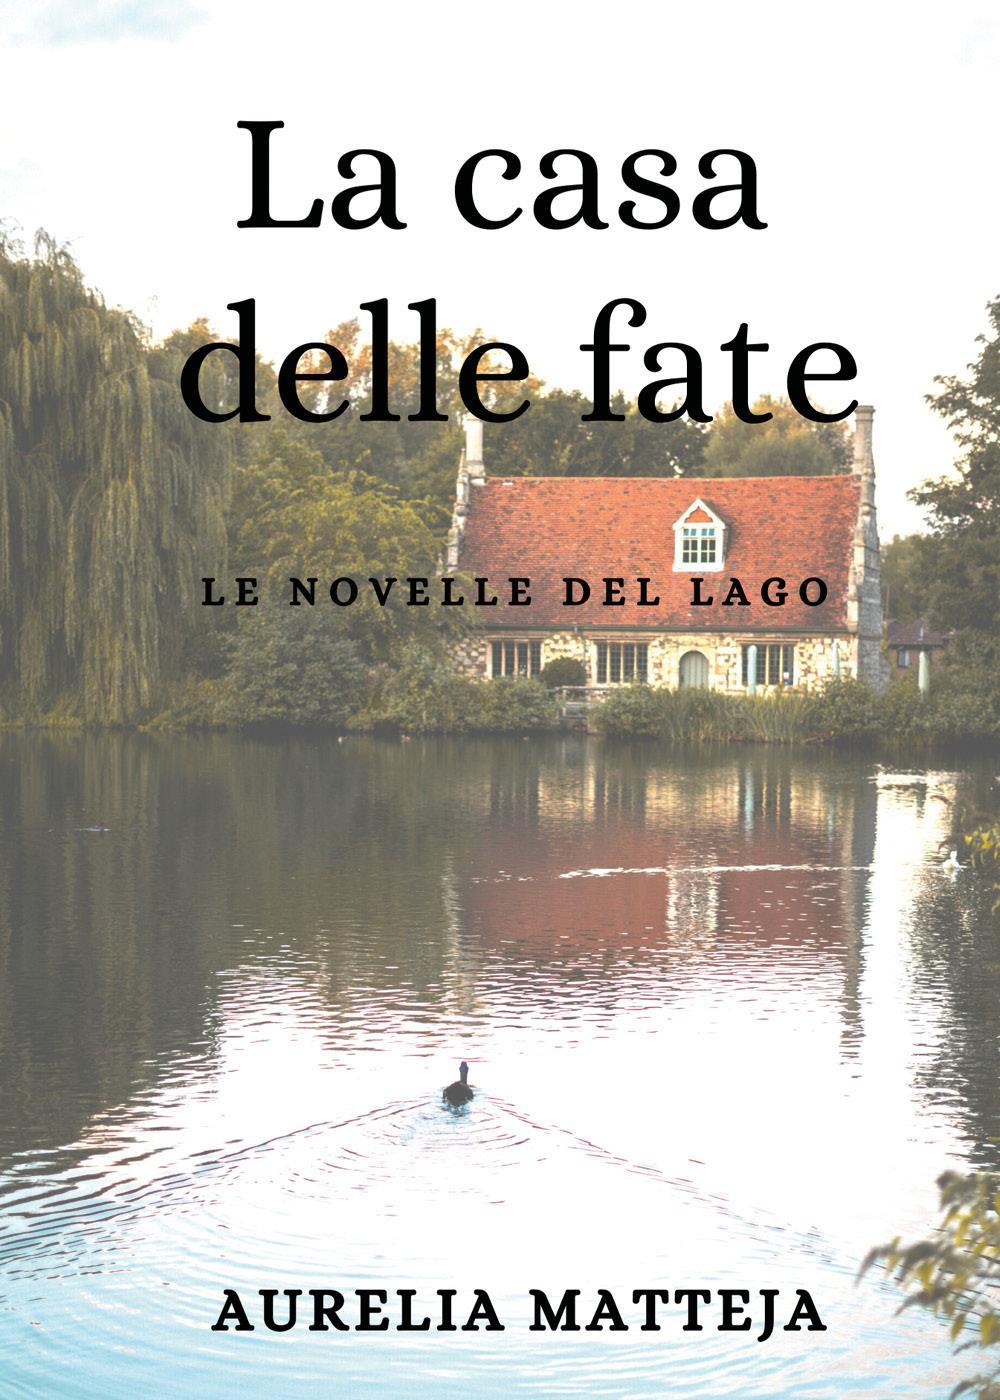 La casa delle fate - Le novelle del lago